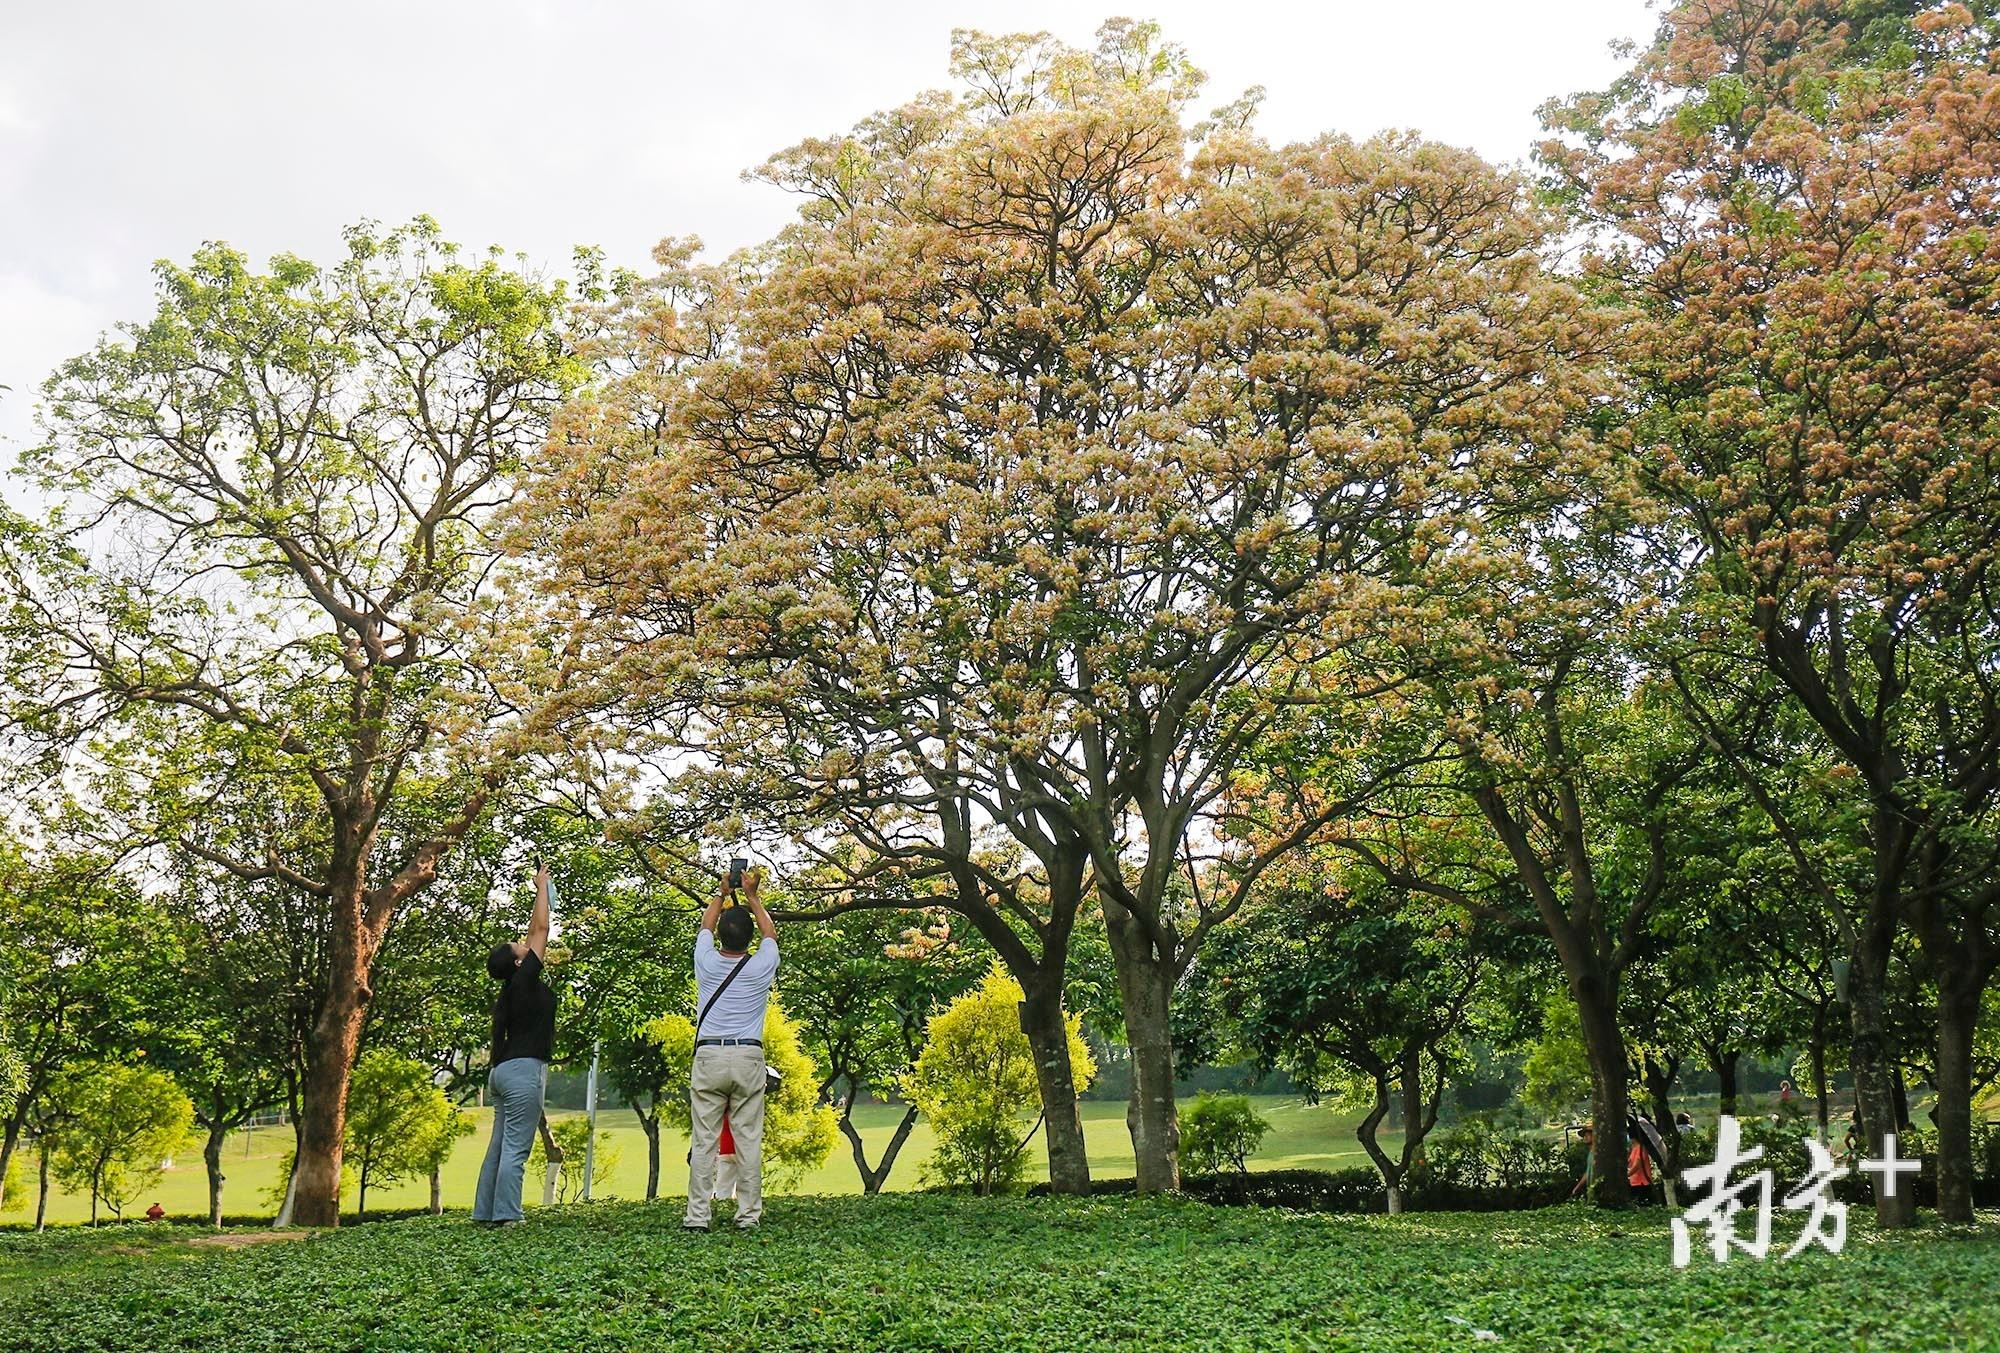 不少到公园游玩的市民来到鱼木树下拍照。